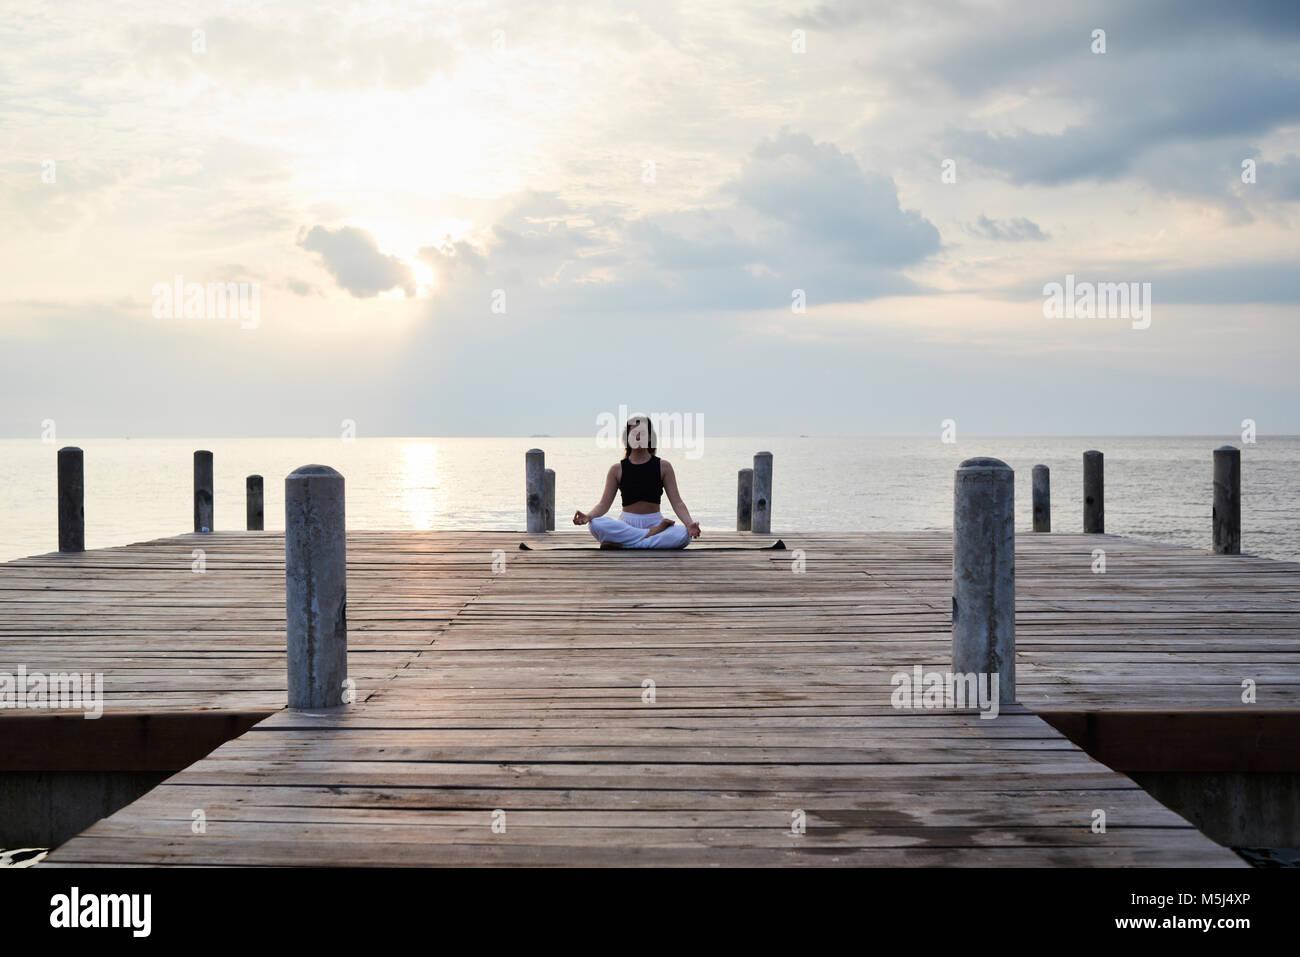 Istruttore Yoga pratica di meditazione in una posizione del loto contro il tramonto e il mare. Kep, Cambogia. Immagini Stock